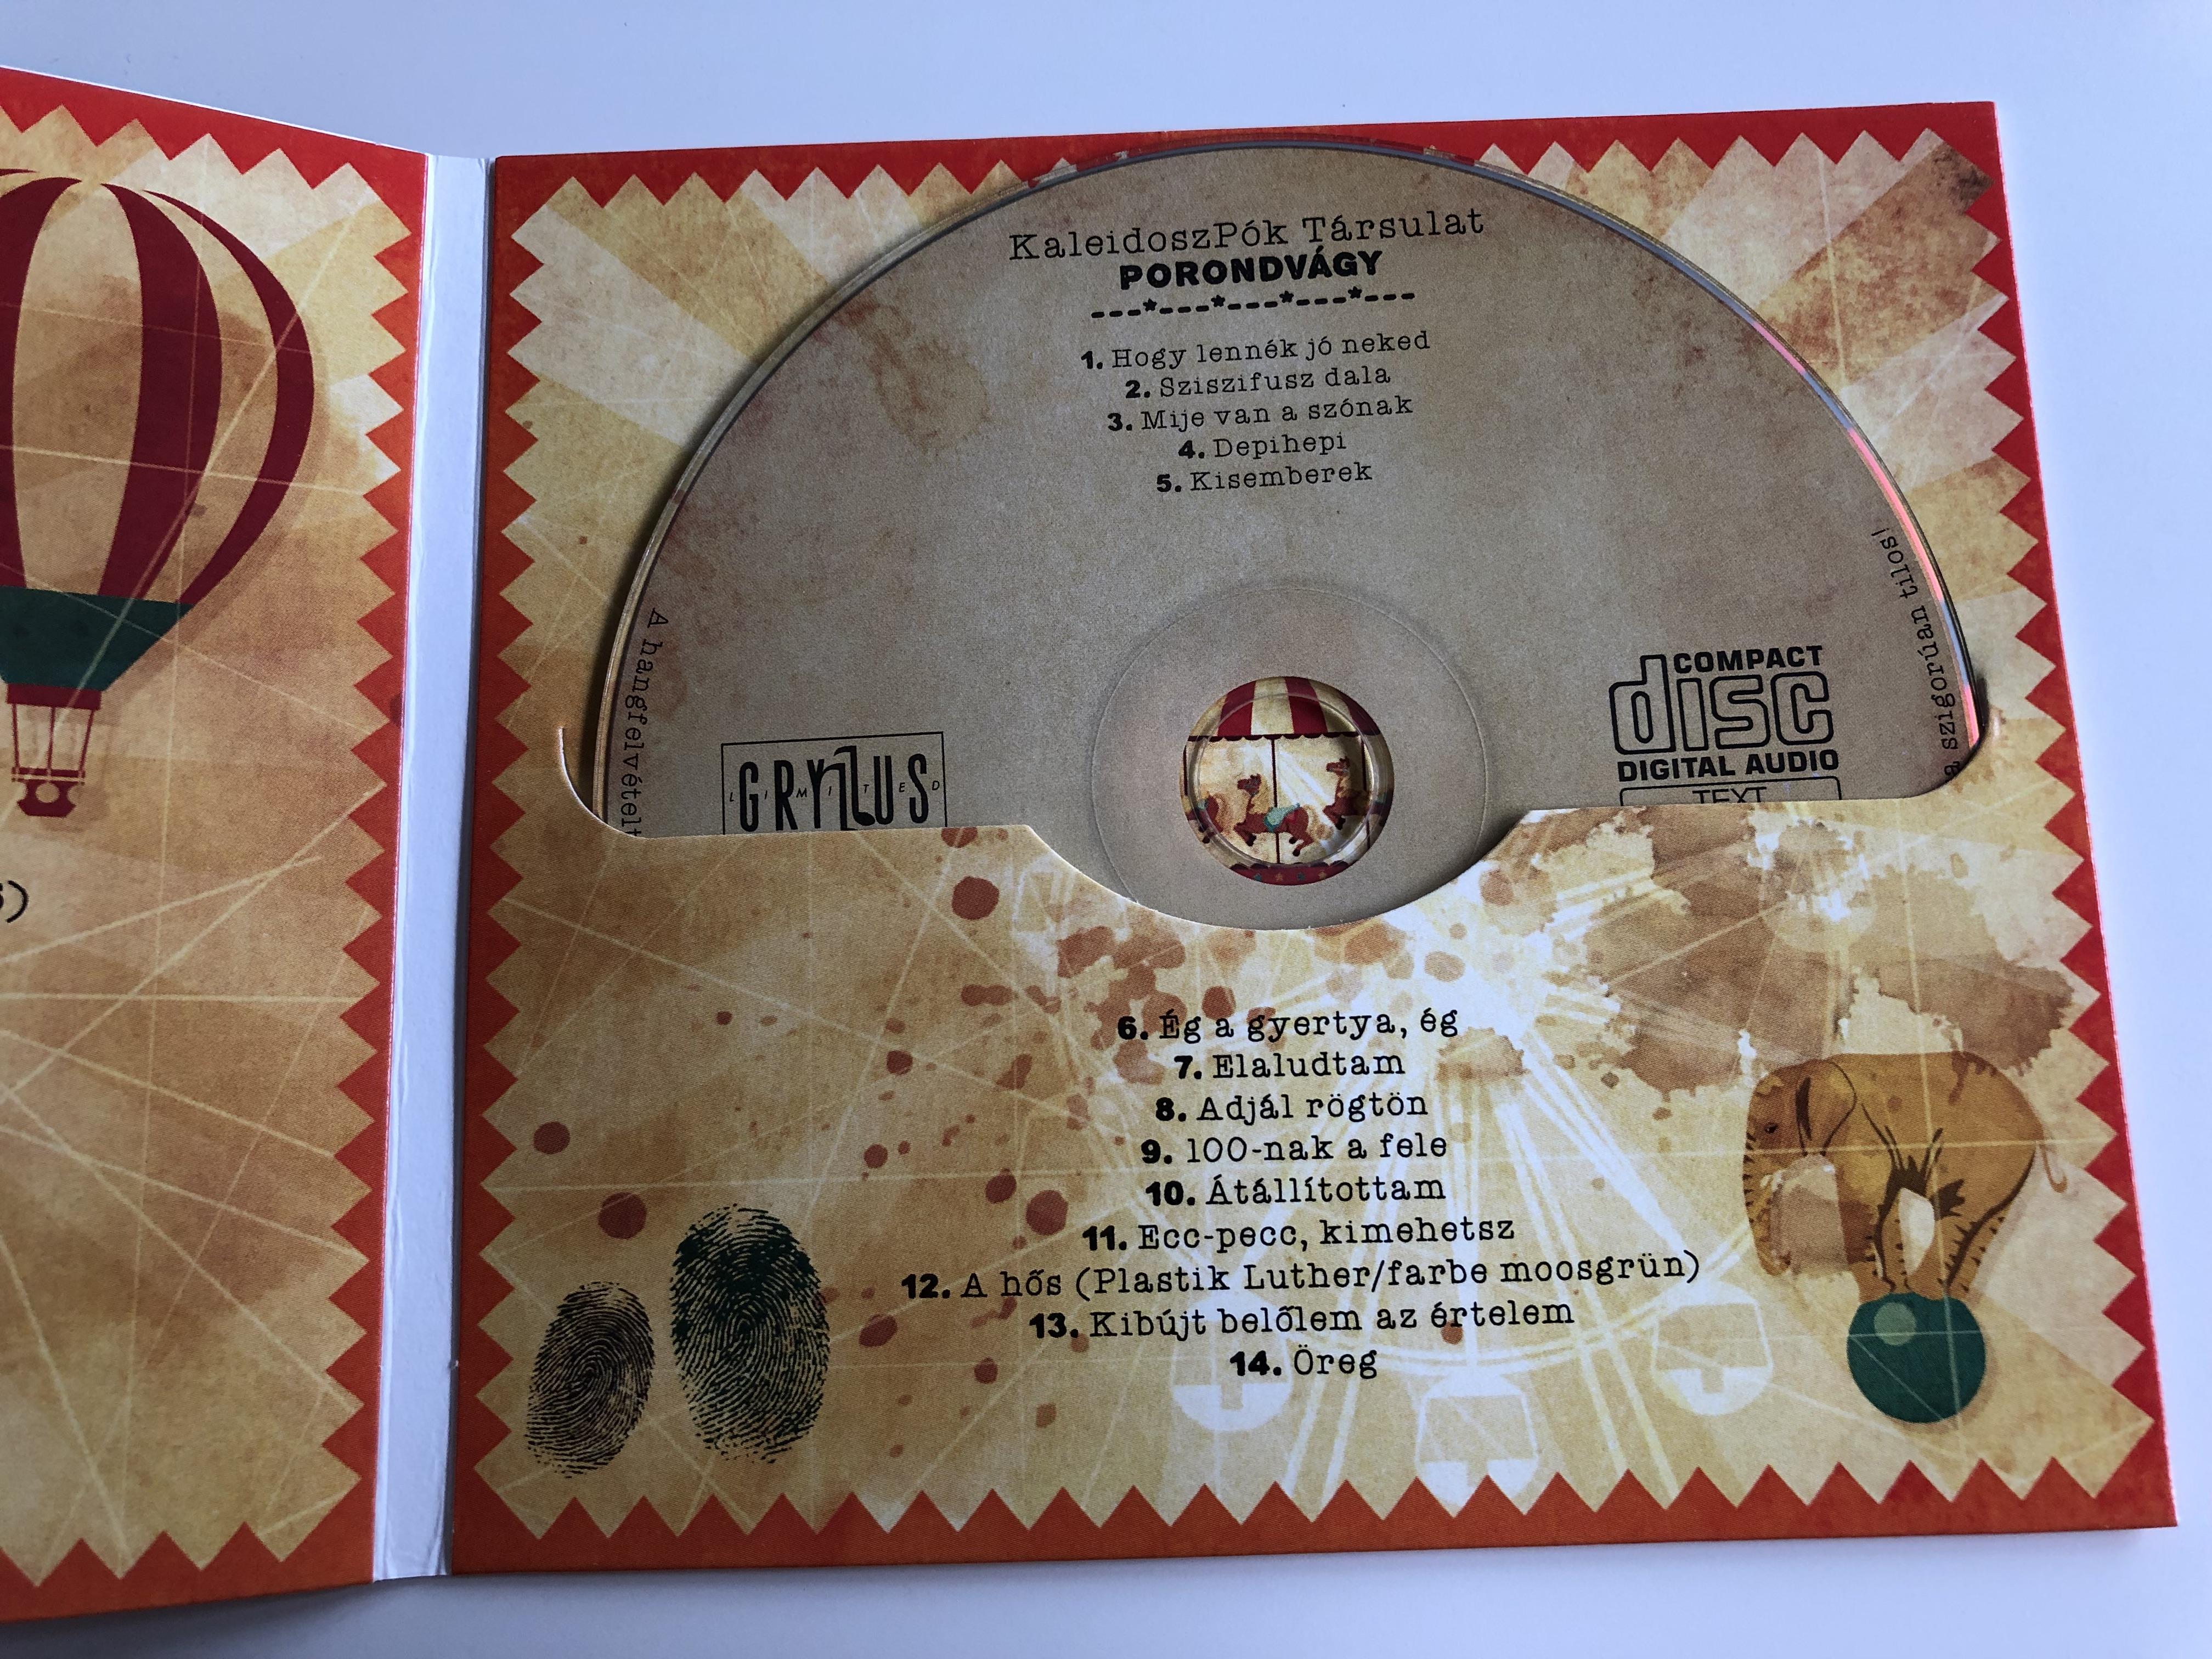 kaleidoszp-k-porondv-gy-audio-cd-2018-husz-k-zsolt-n-meth-szab-tam-s-csai-zolt-n-smid-liusz-g-bor-v-gh-szabolcs-szab-tam-s-gryllus-gcd-212-2018-3-.jpg